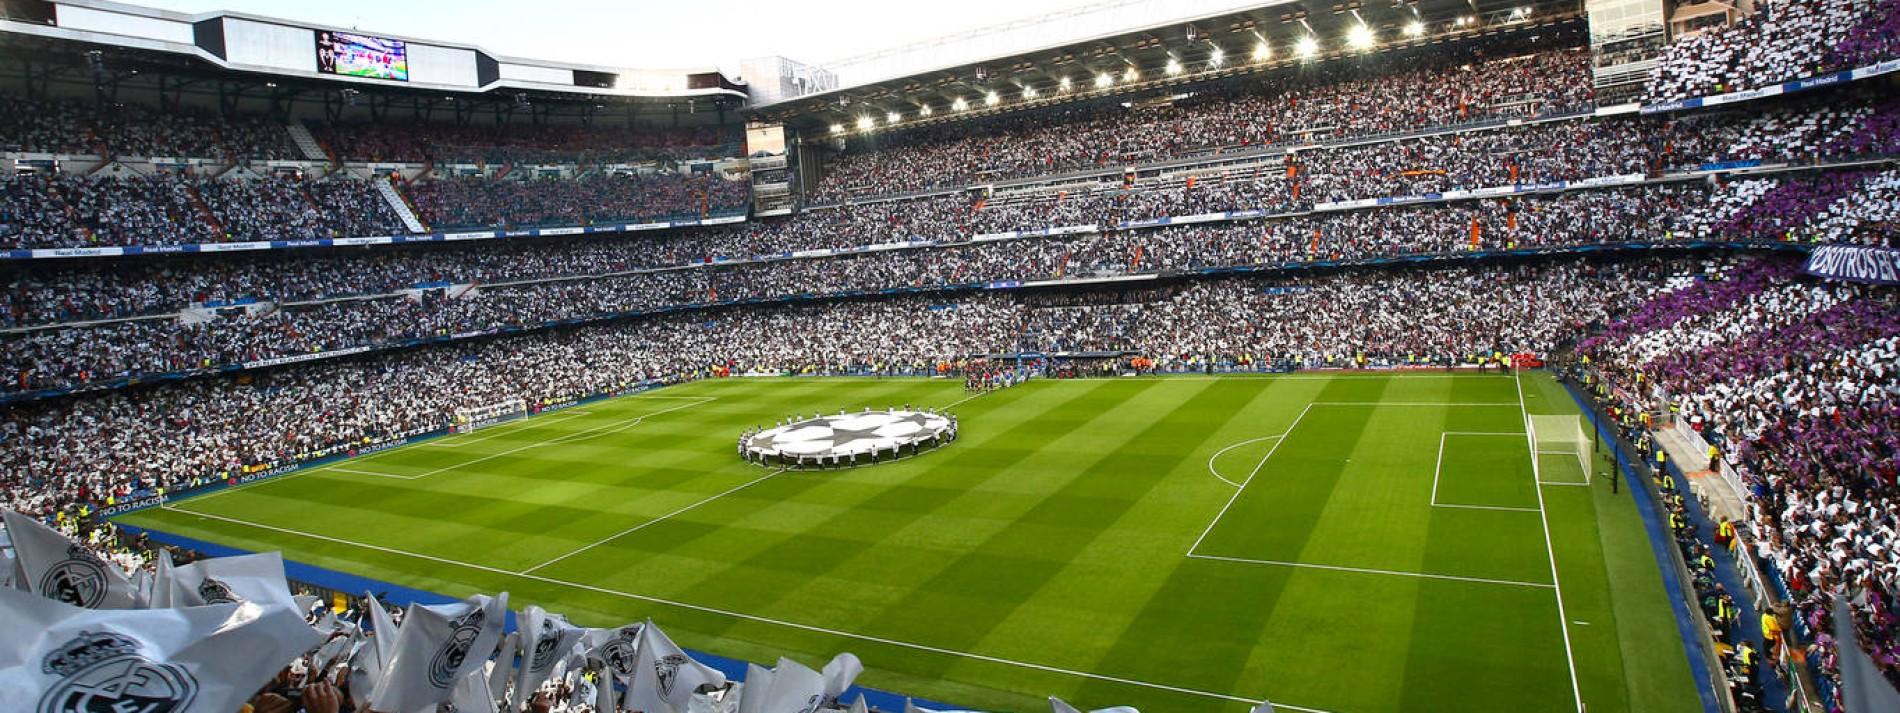 Der Mythos Bernabéu